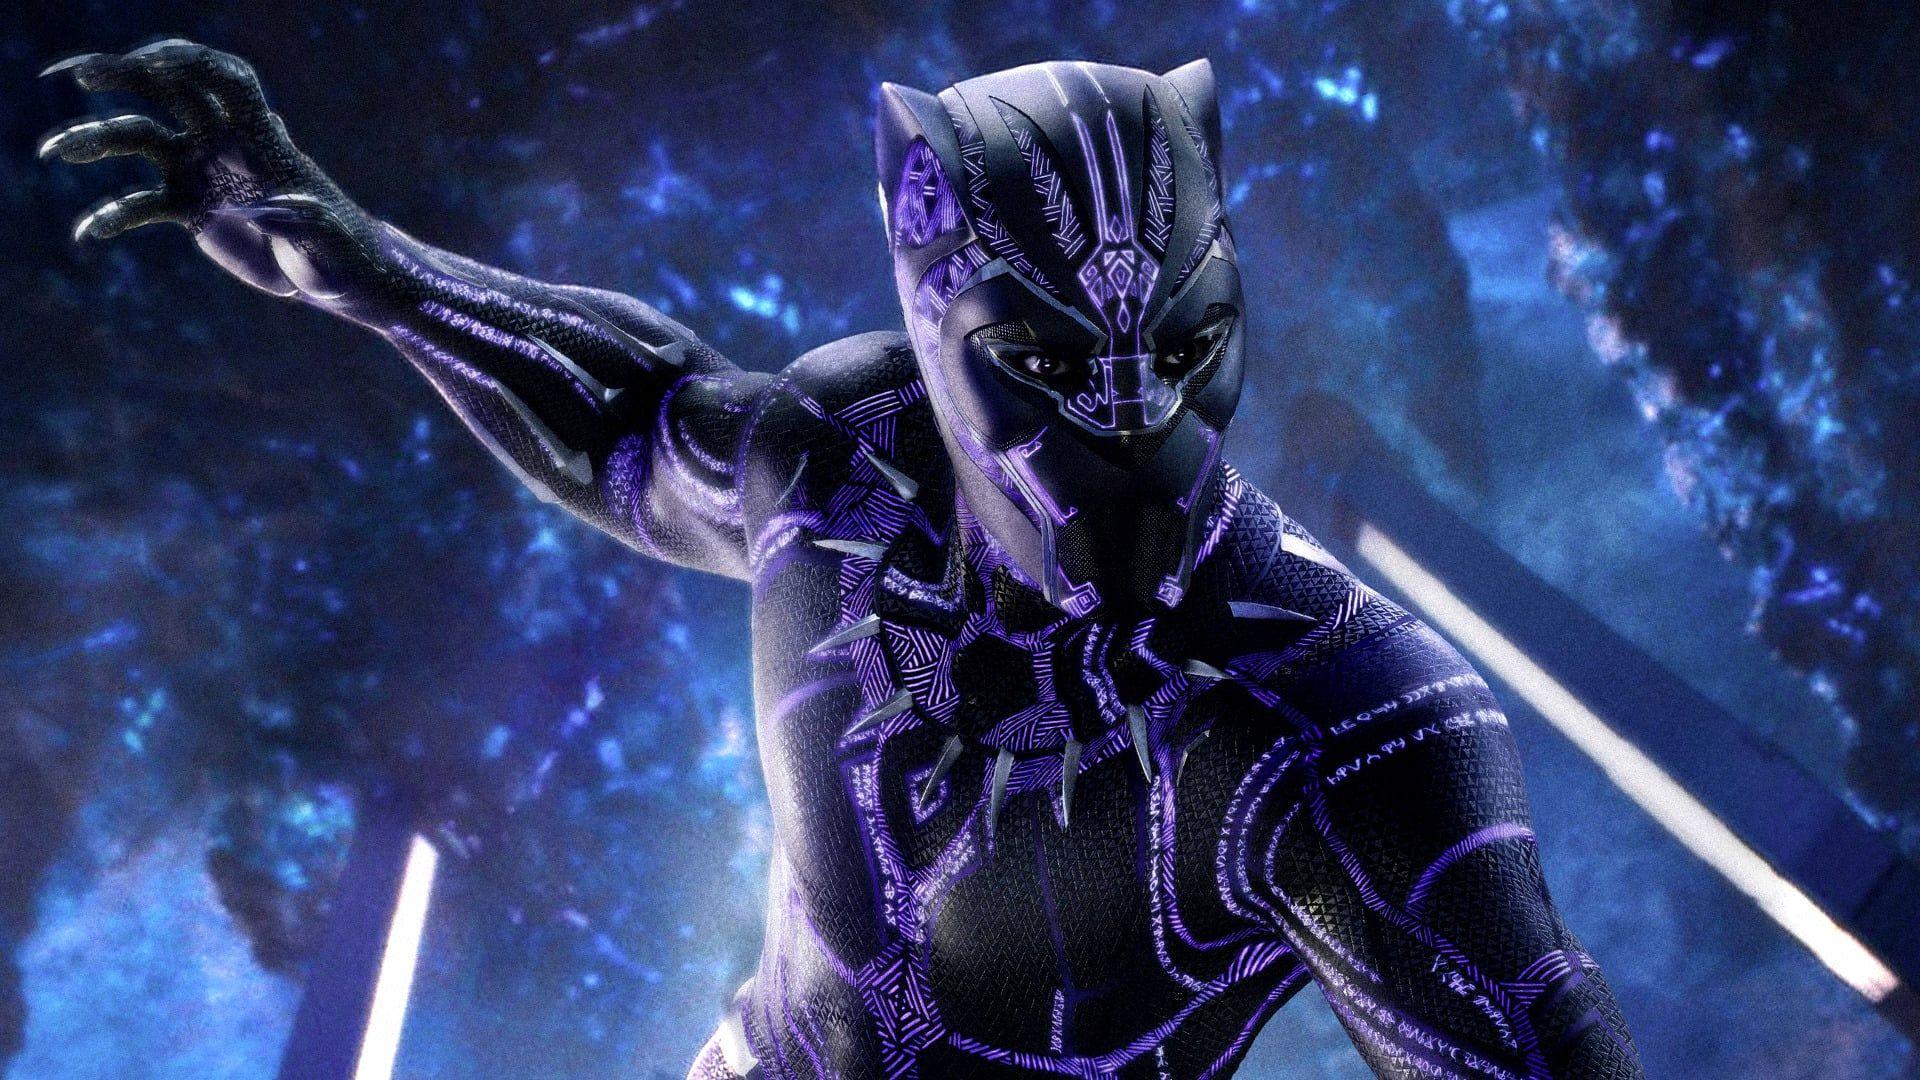 Black Panther Suit T Challa Qui Apres Les Evenements De Captain America Civil War Retourne Chez Lui Dans L Black Panther Captain America Films Black Widow